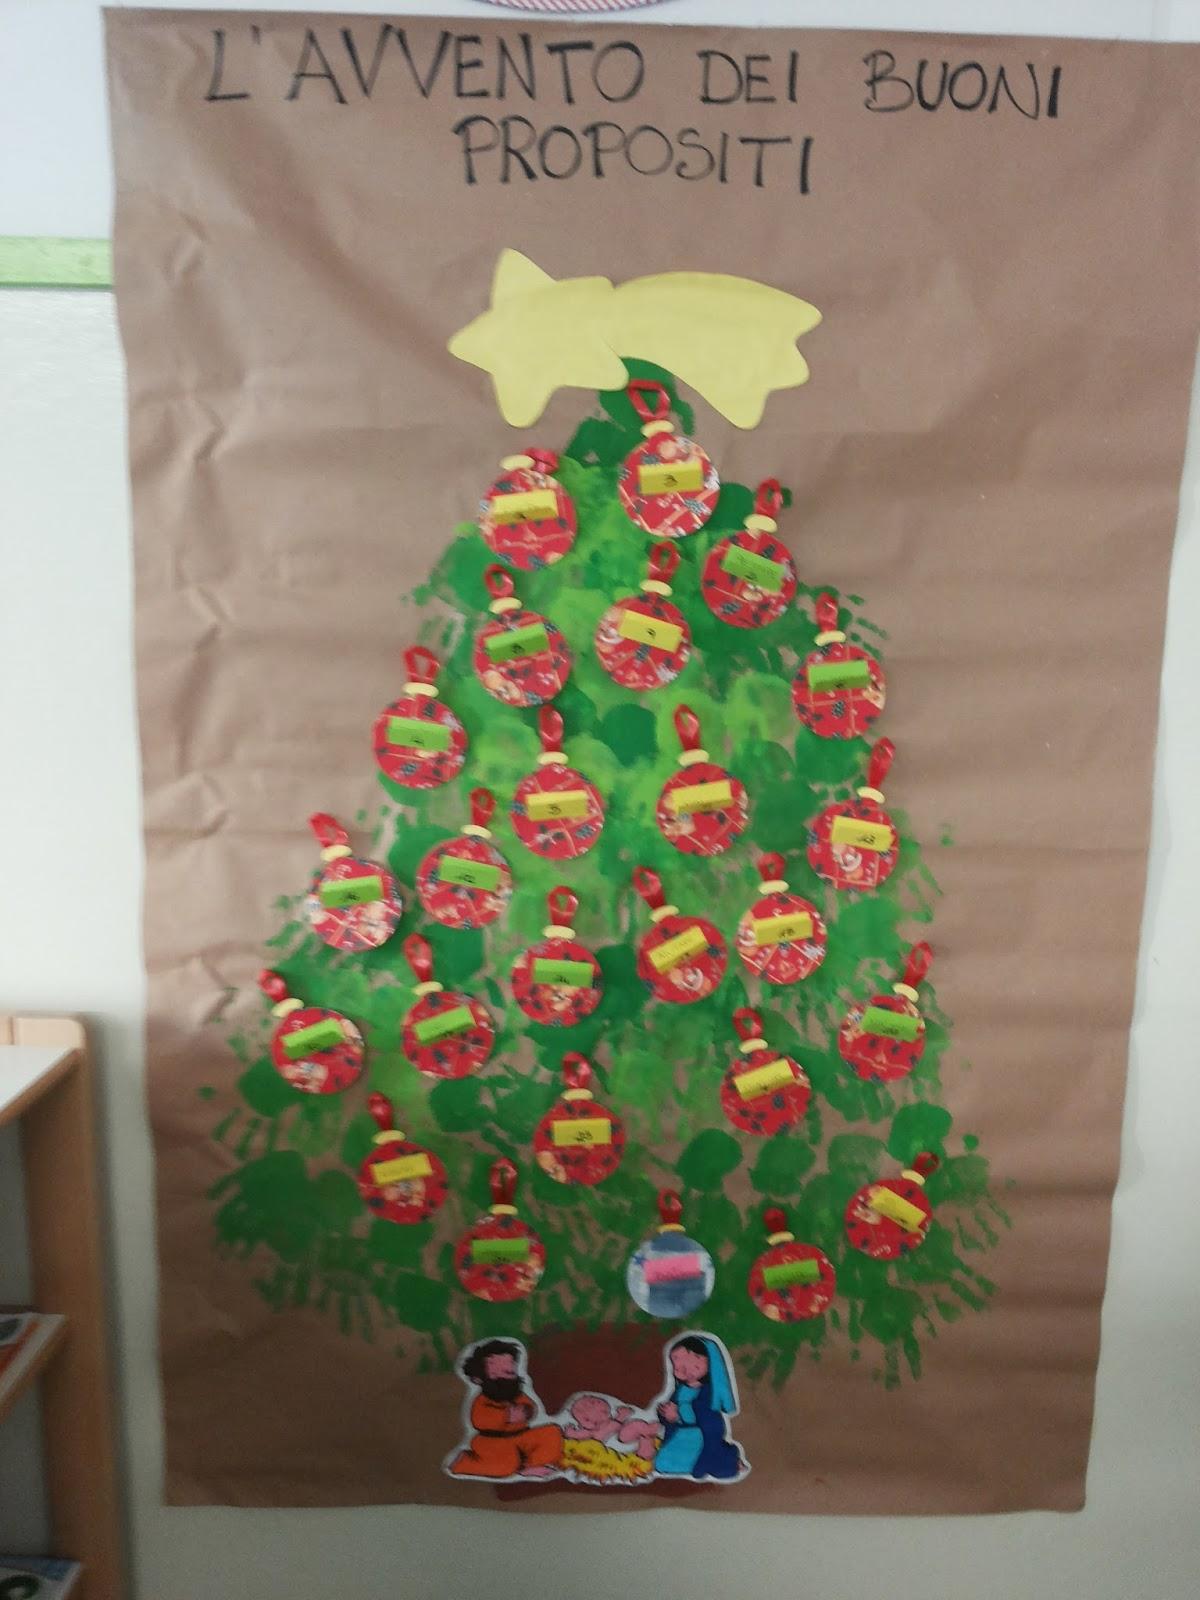 Scuola materna don bosco belluno calendario dell 39 avvento for Cartelloni di natale per la scuola dell infanzia